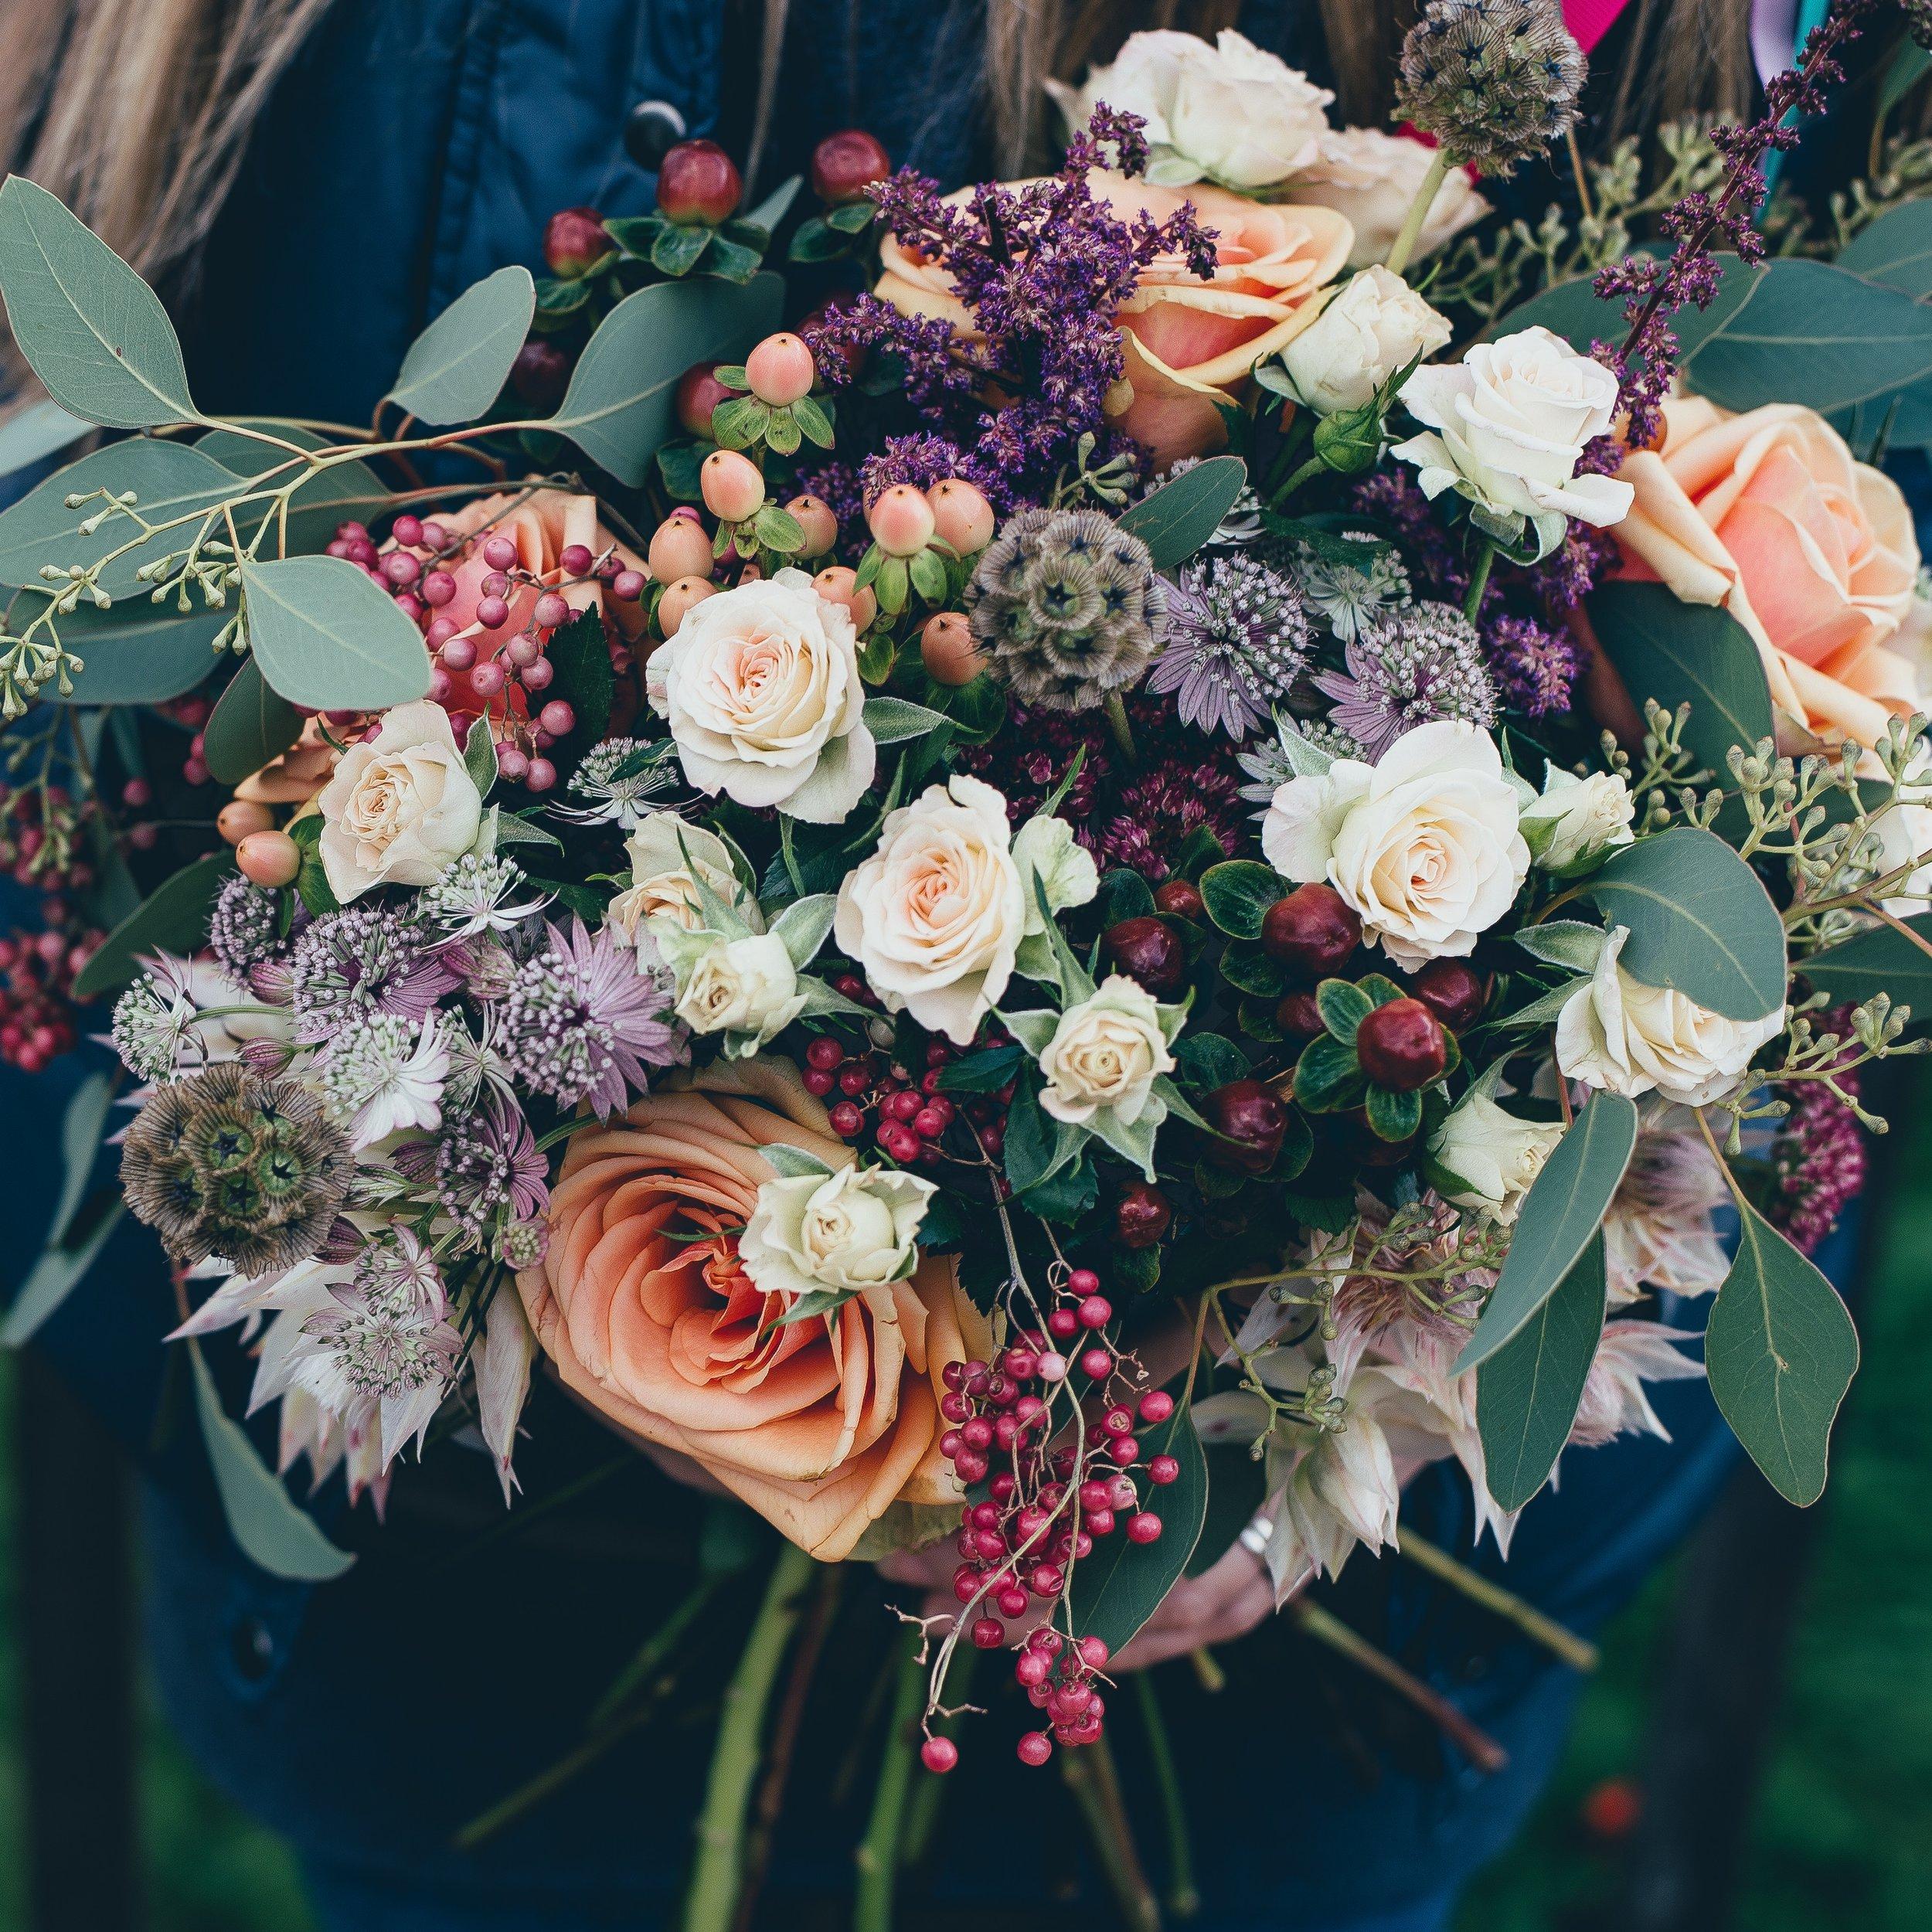 Floral Designs-Solon Merchant - E's FloralsElissa 319.624.31211.800.798.0995esfloral2005@yahoo.comwww.esfloral.com